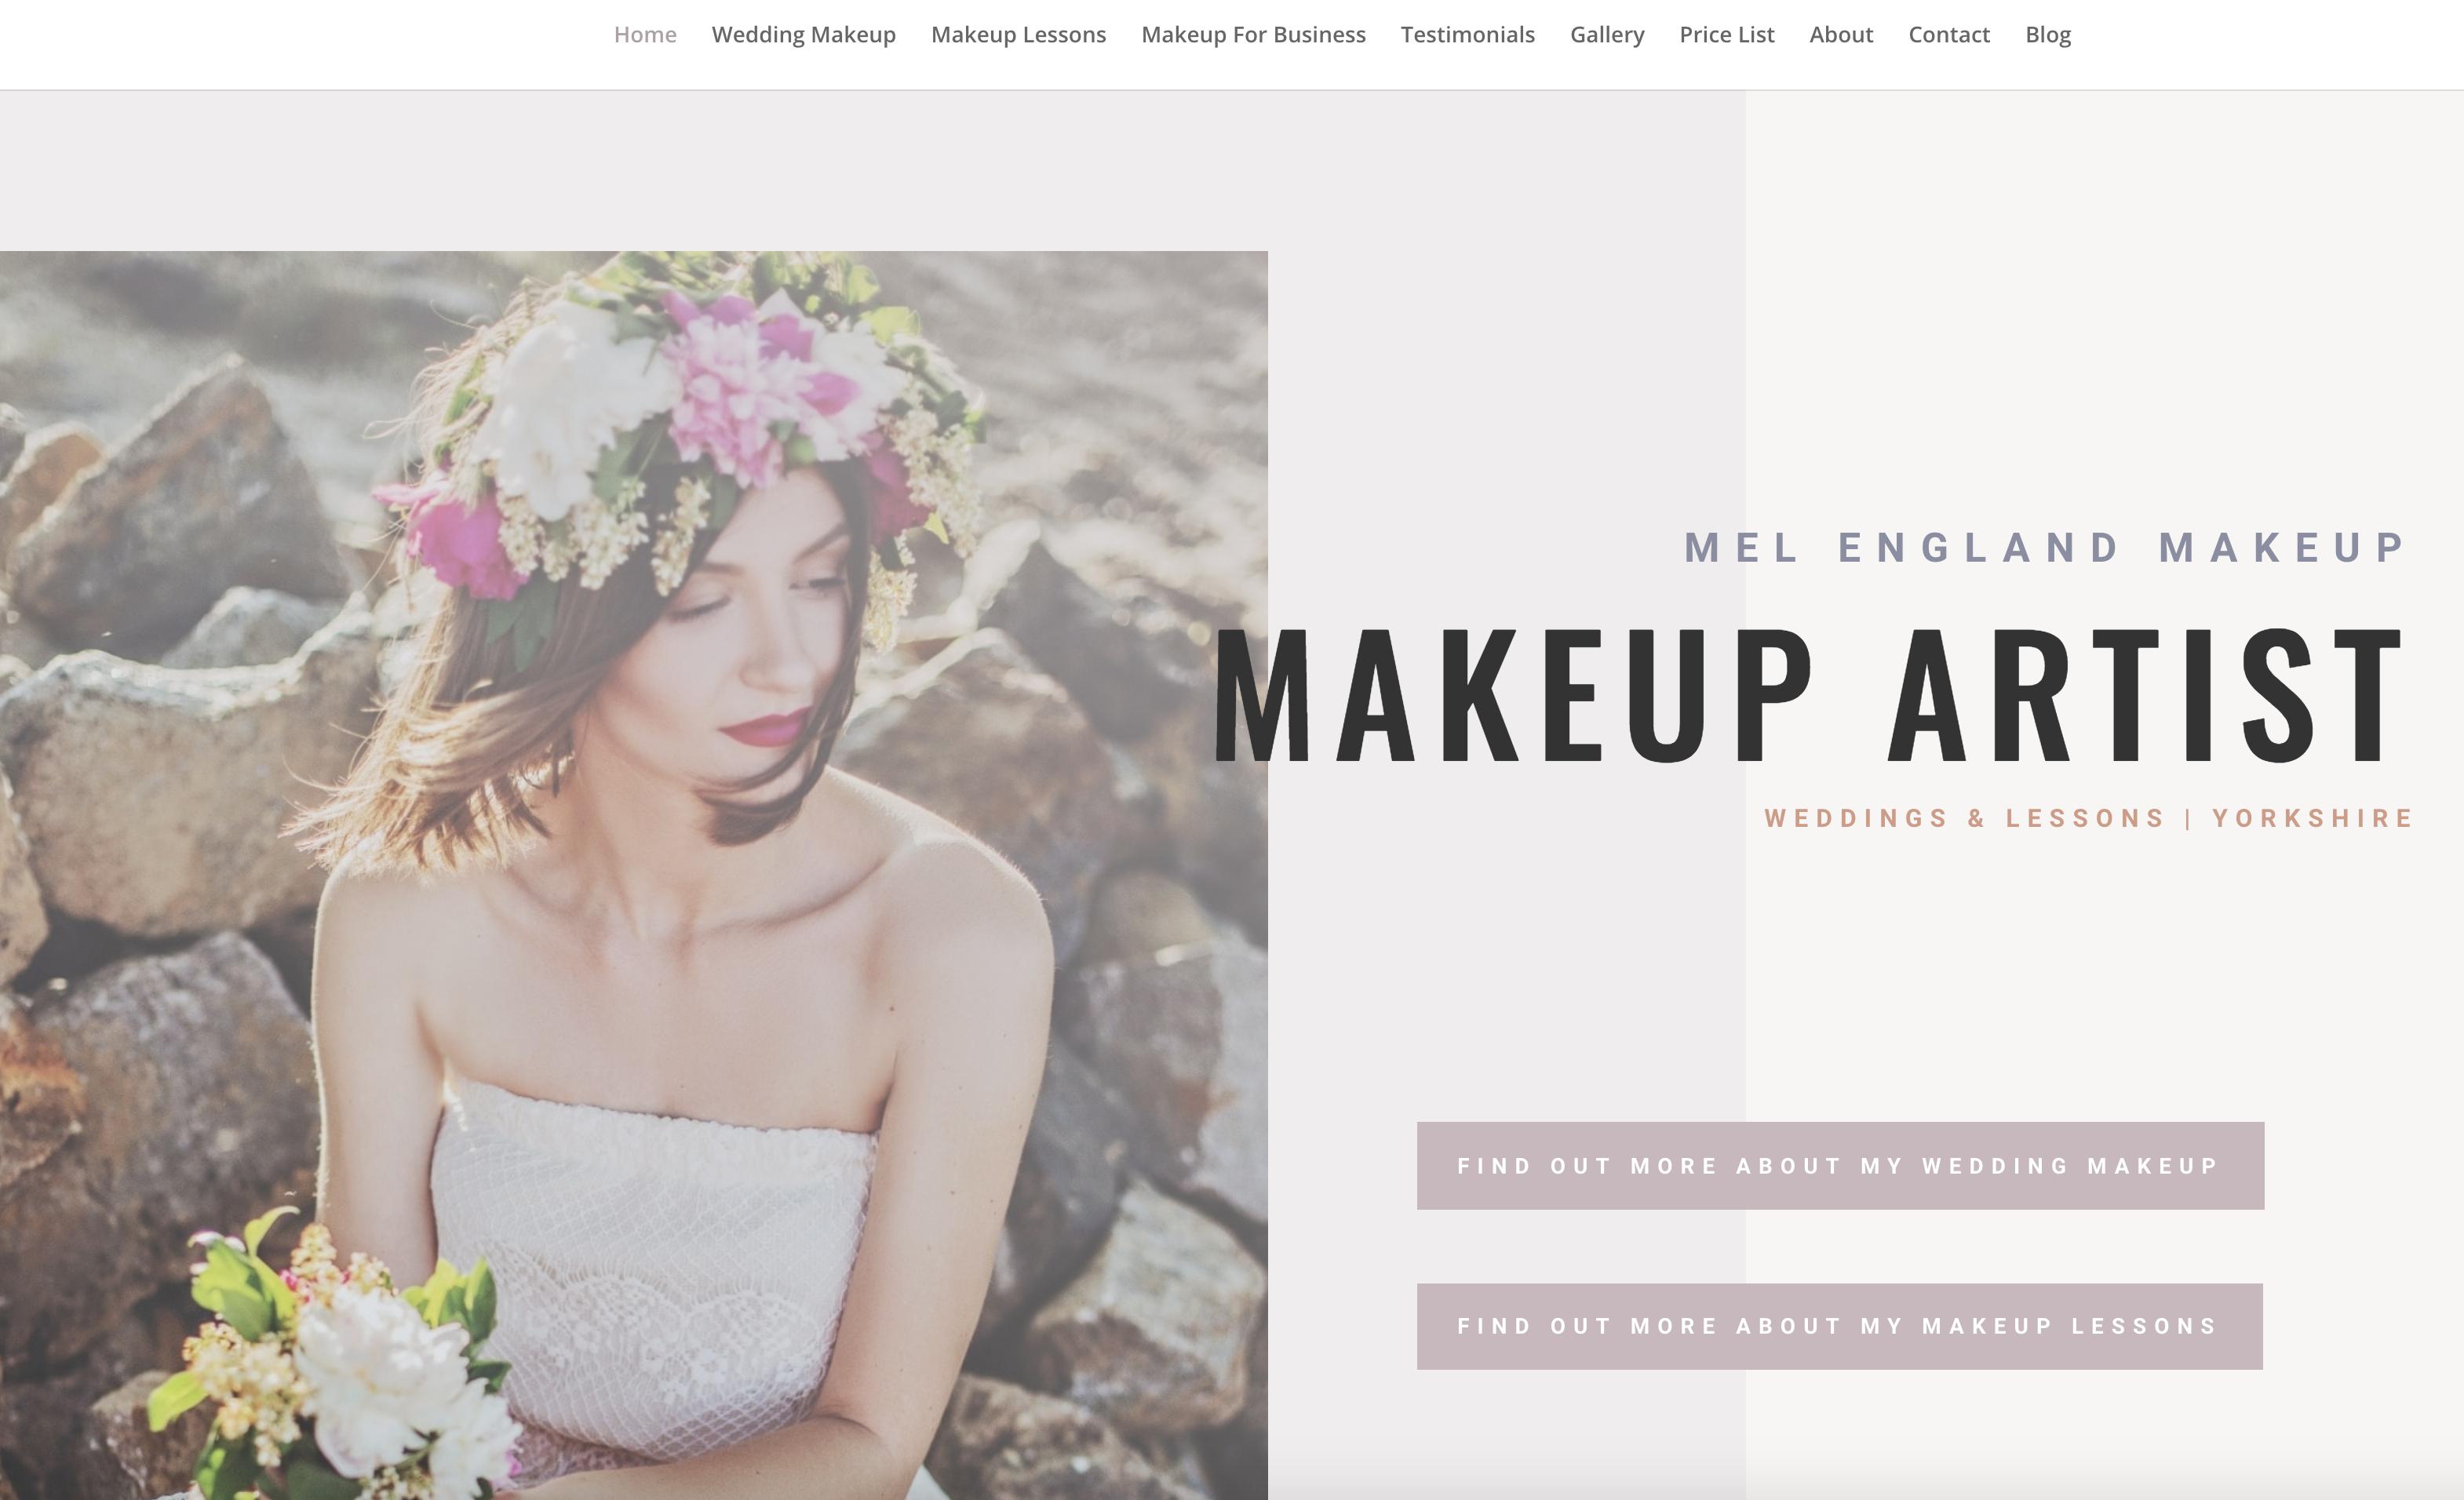 Mel England Makeup